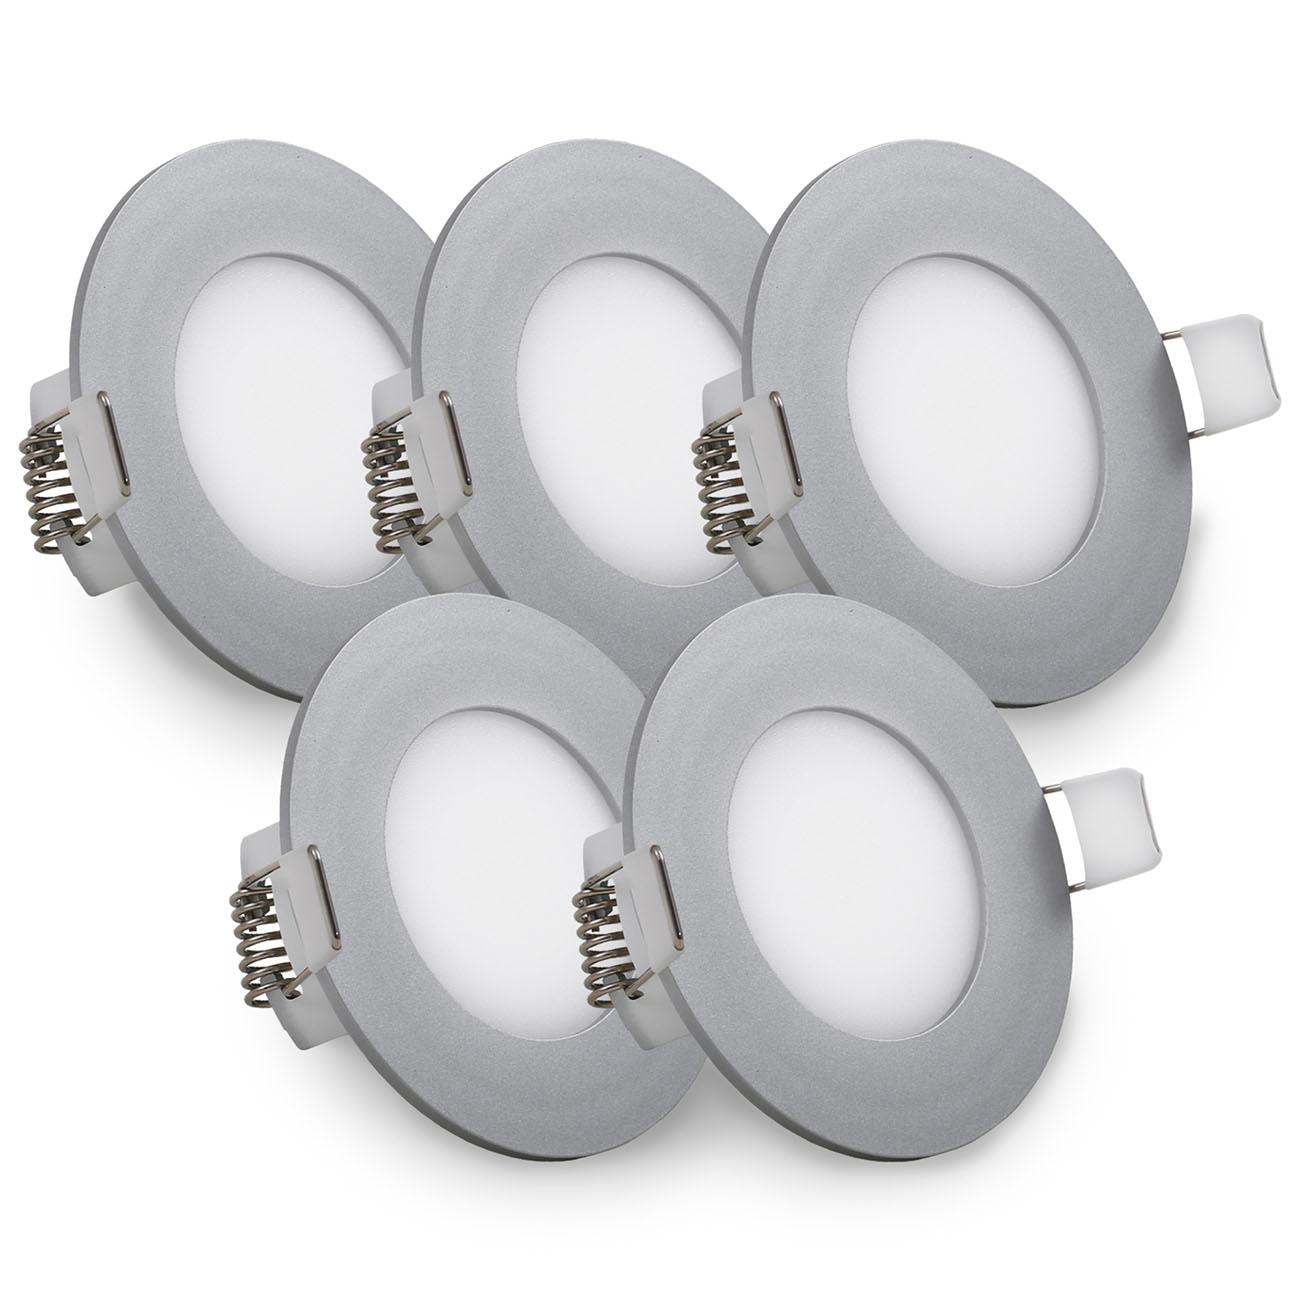 LED Einbaustrahler | Einbauleuchte 5er SET | ultra flach 5W - 3